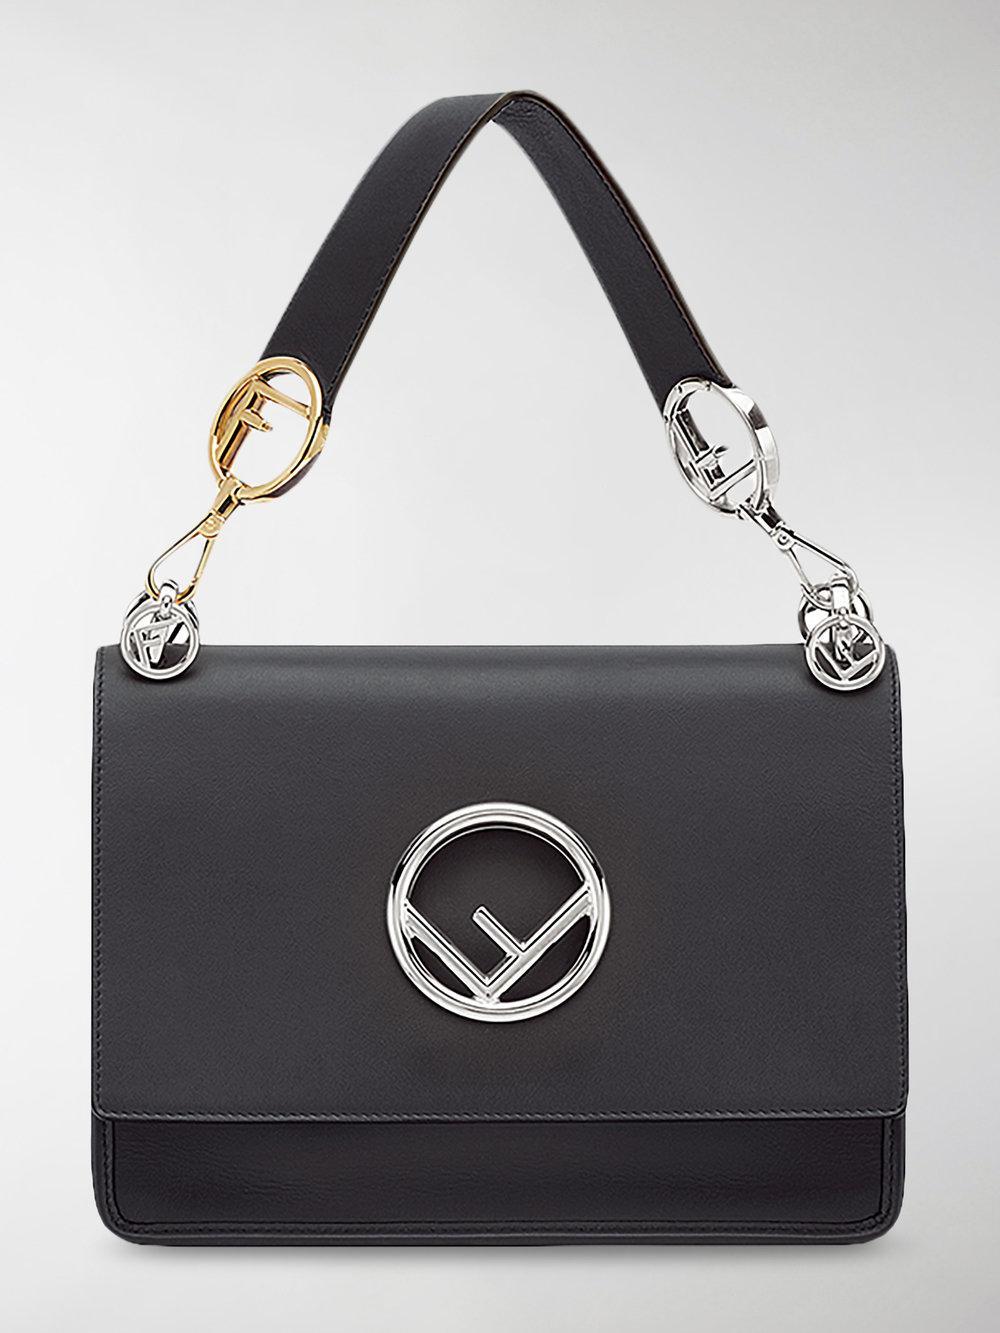 Fendi Kani Shoulder Bag in Black - Save 26% - Lyst bc8ec196cca9c